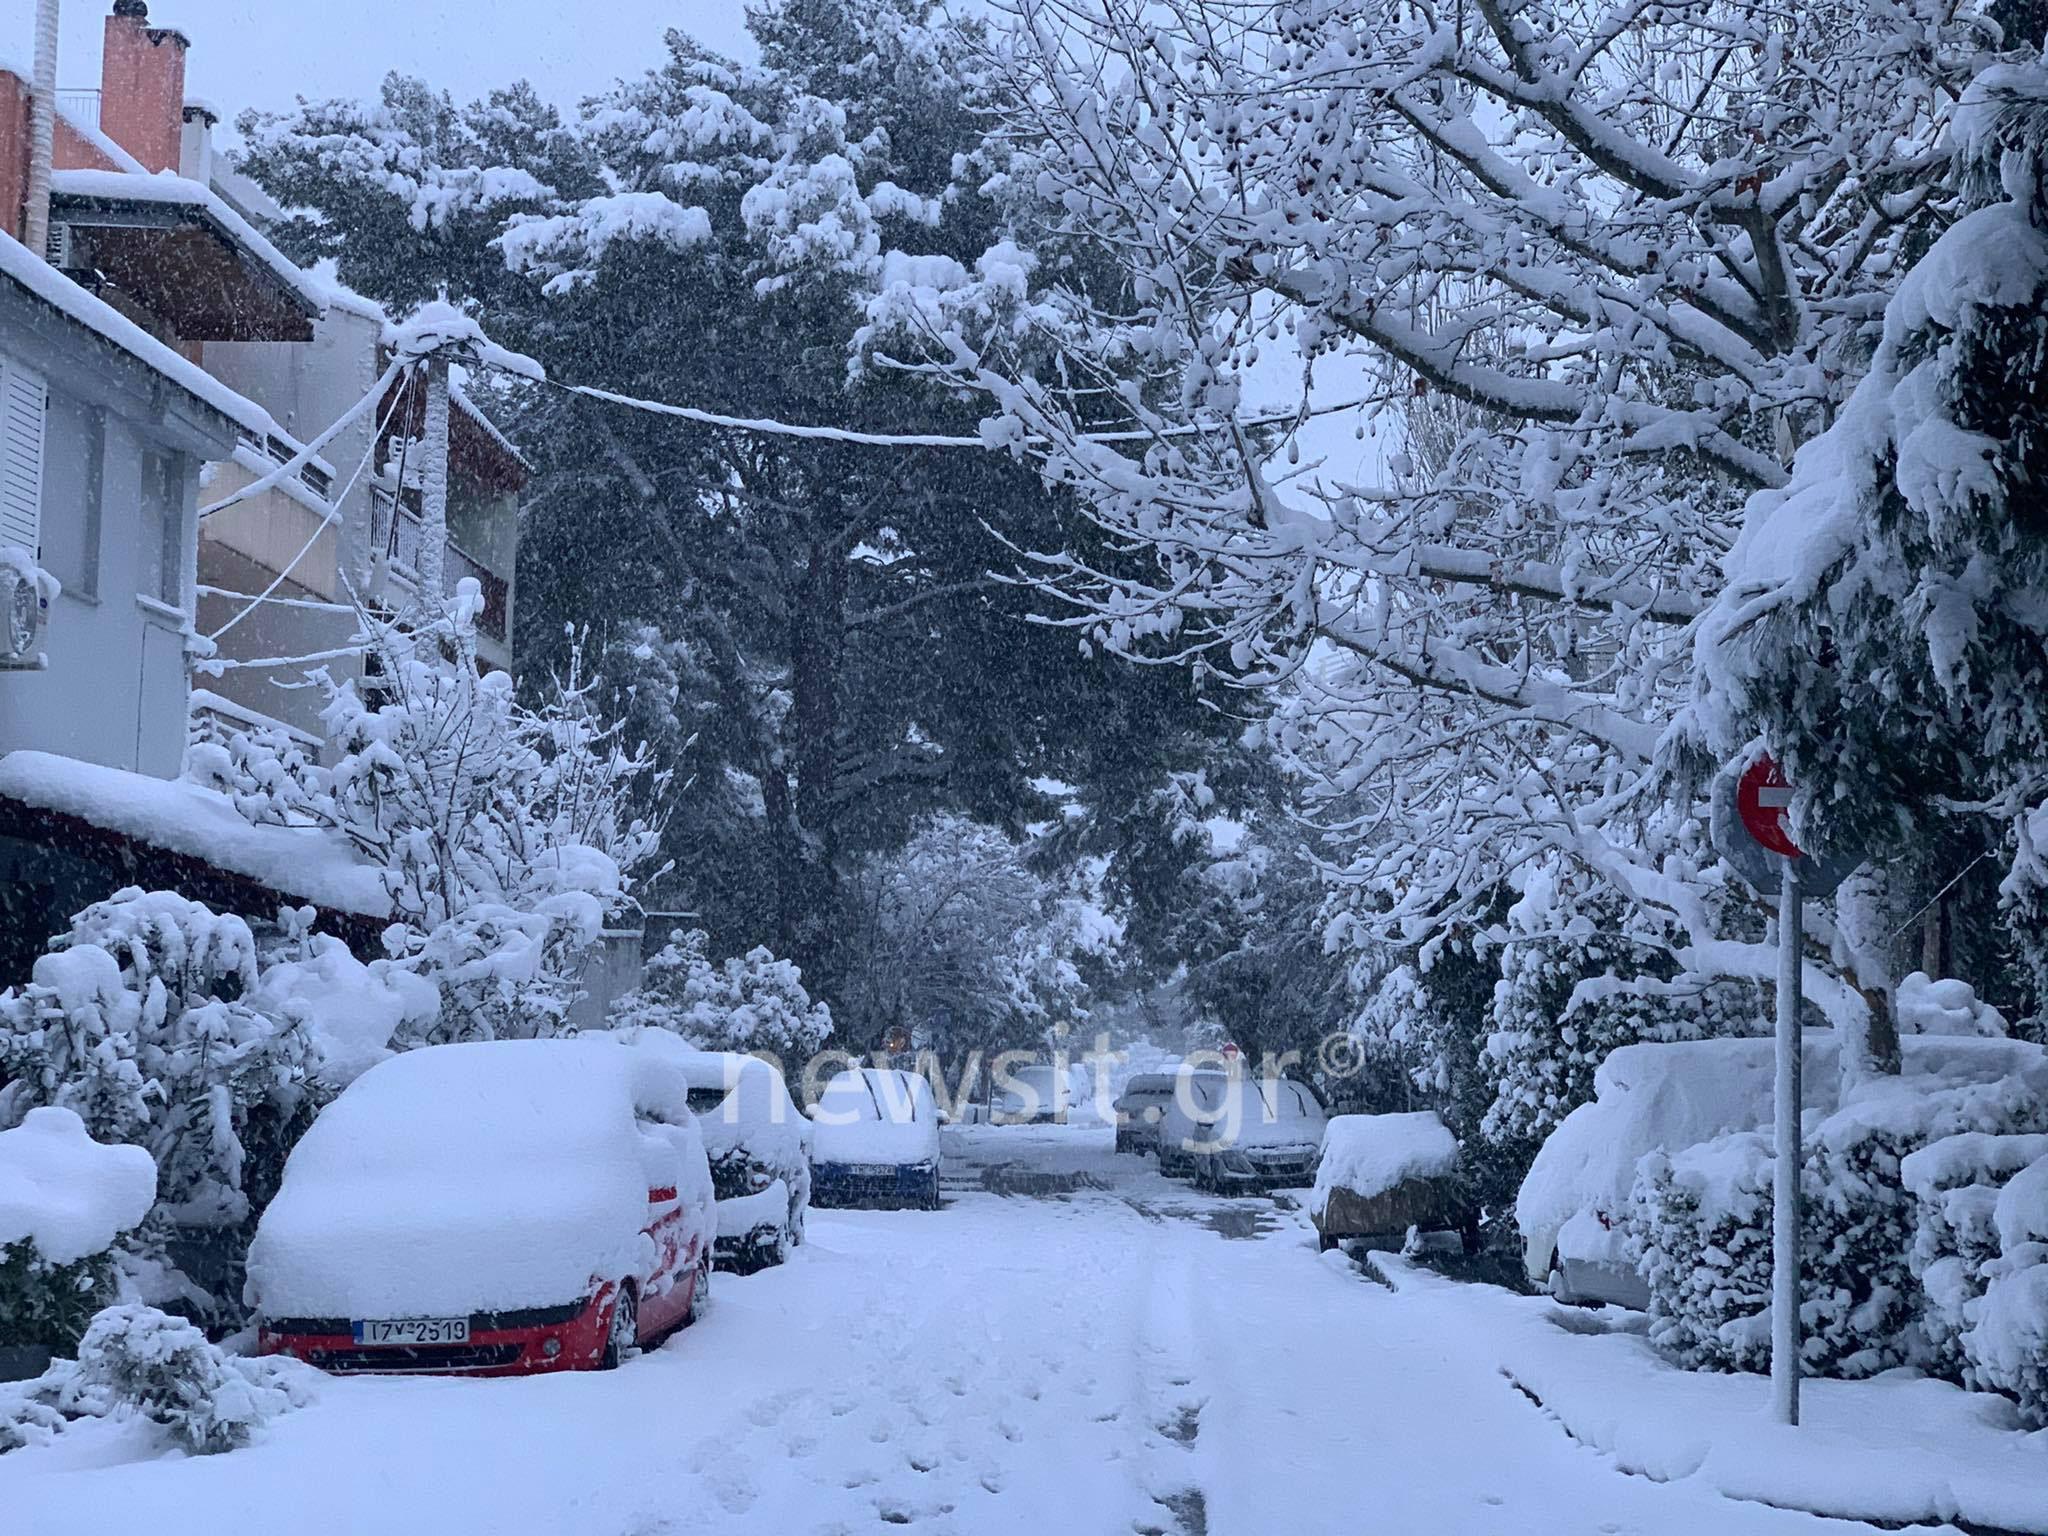 Χιόνισε προβλήματα στην Αττική! Άσπρη μέρα με προβλήματα στις μετακινήσεις – Ισχυρή σύσταση: Μείνετε σπίτι!